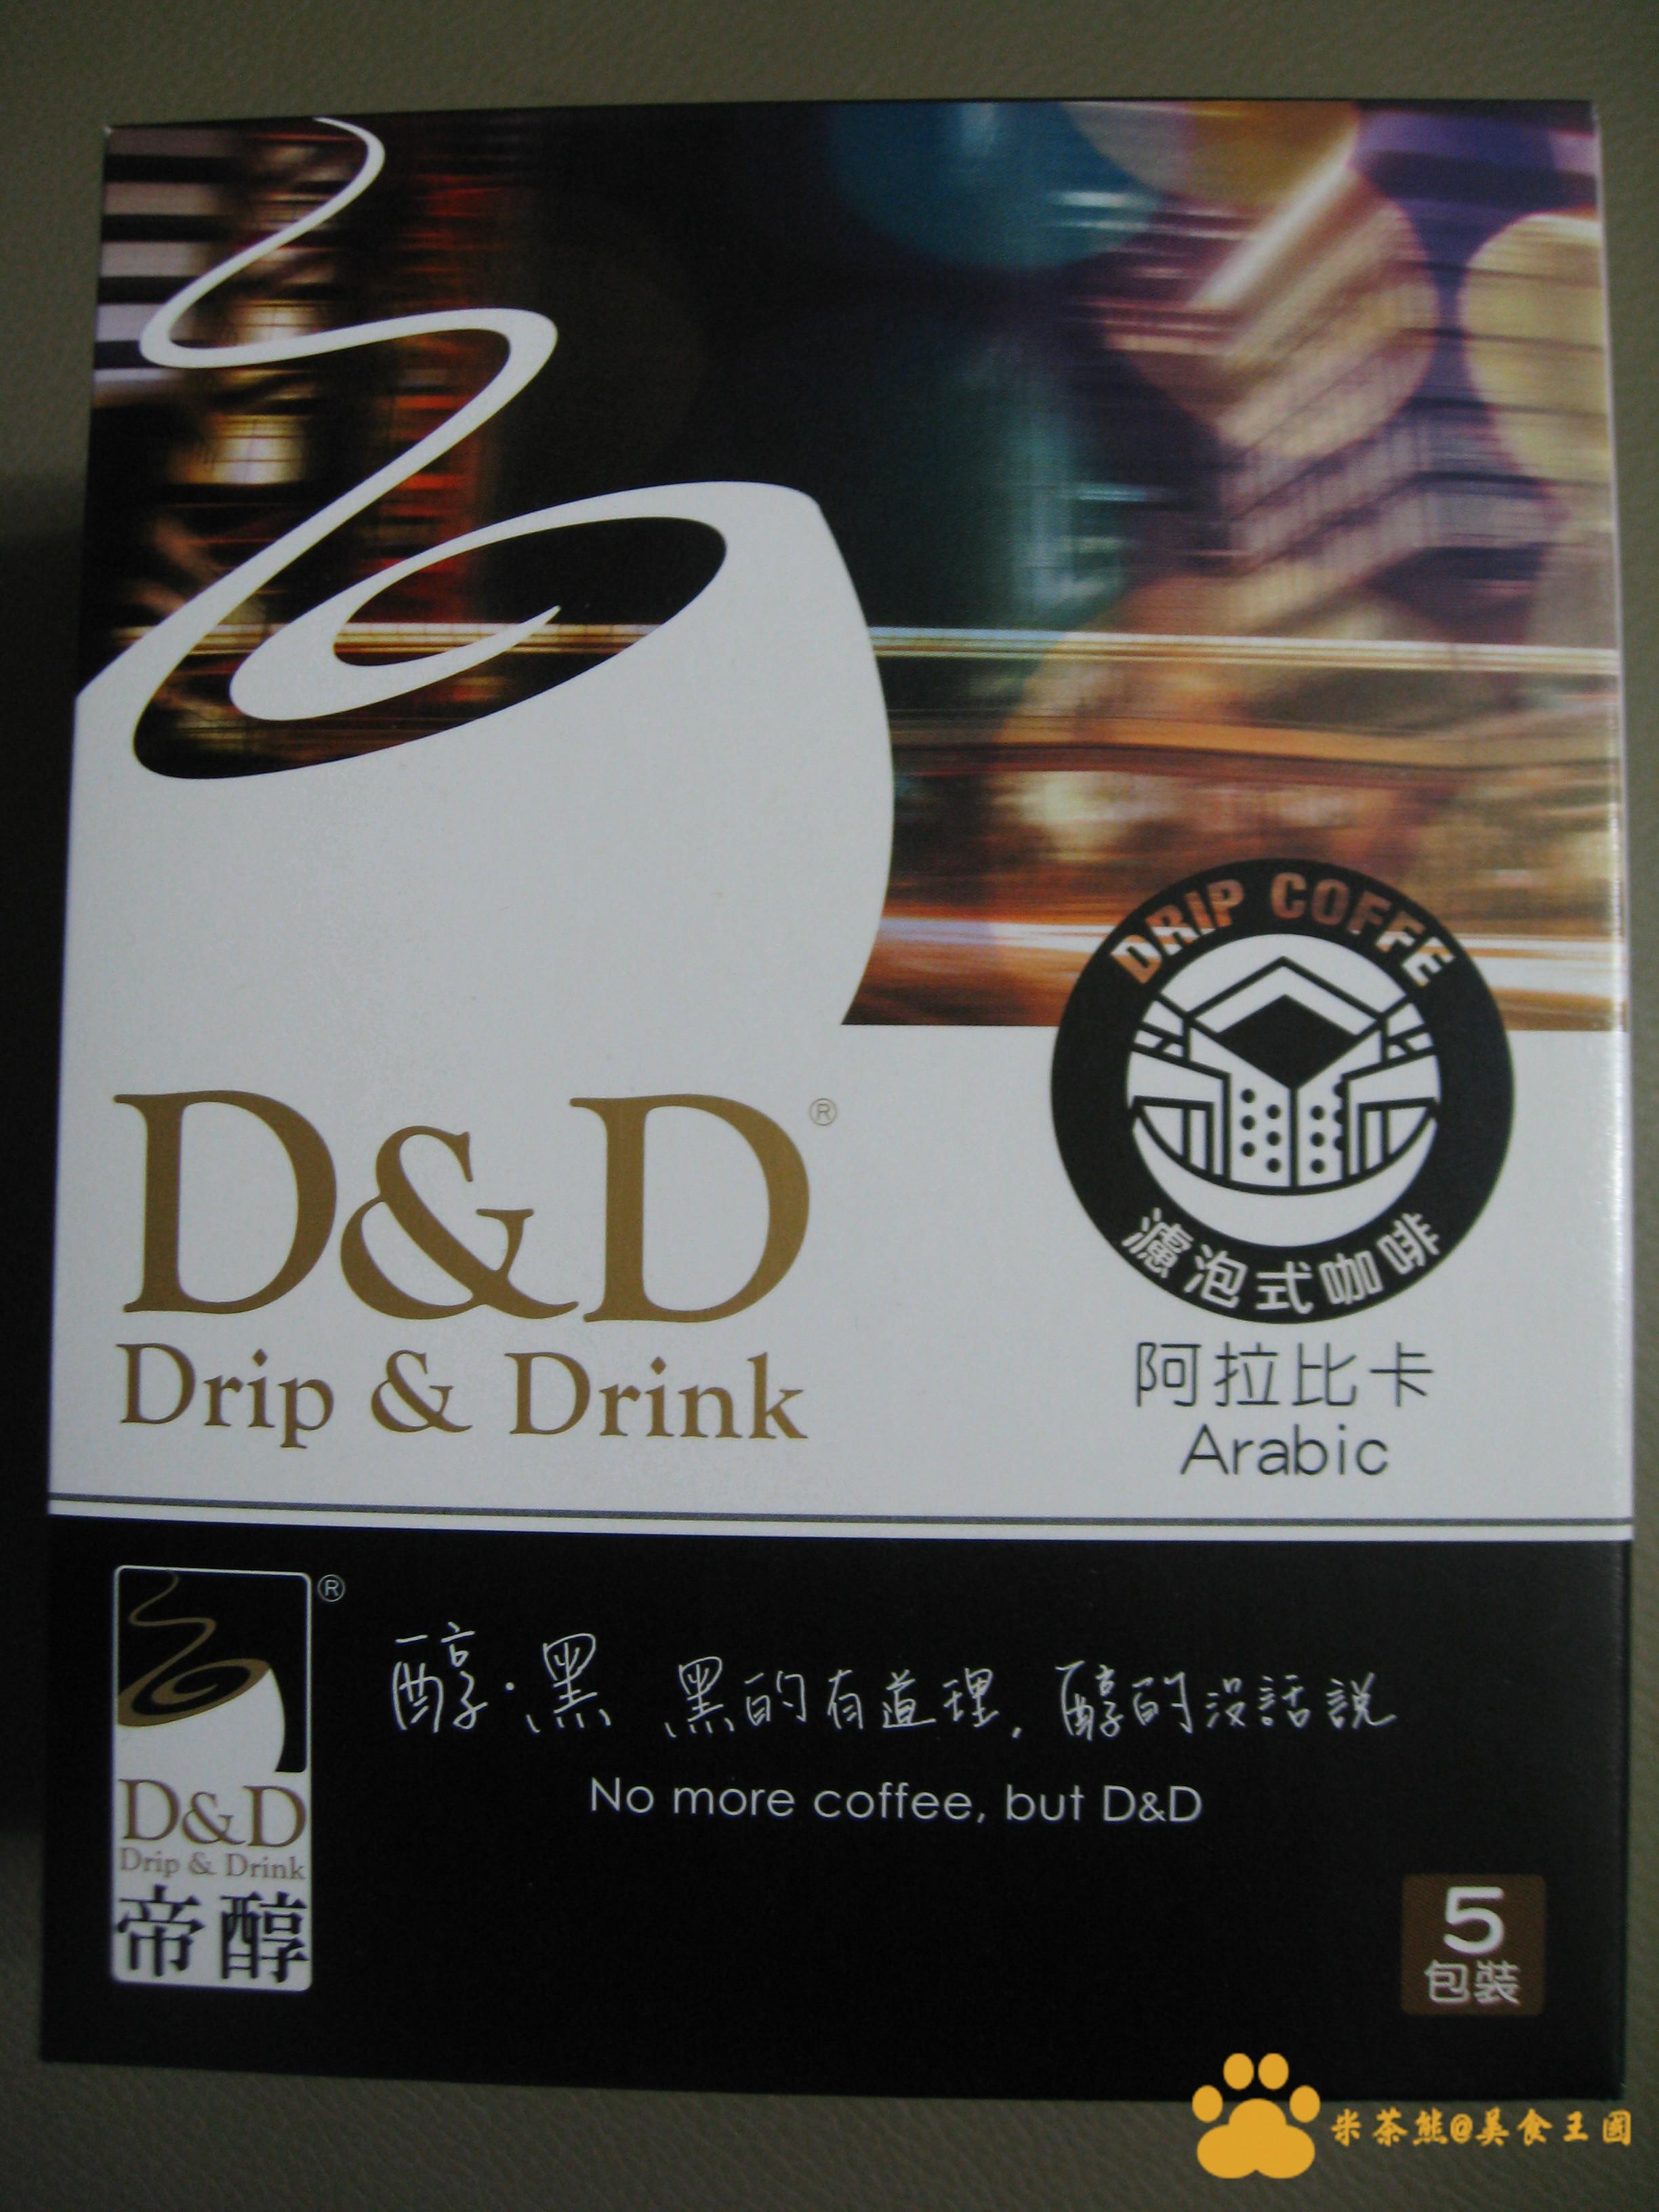 《D&D帝醇》阿拉比卡濾泡式咖啡|宅配美食︱美食王國